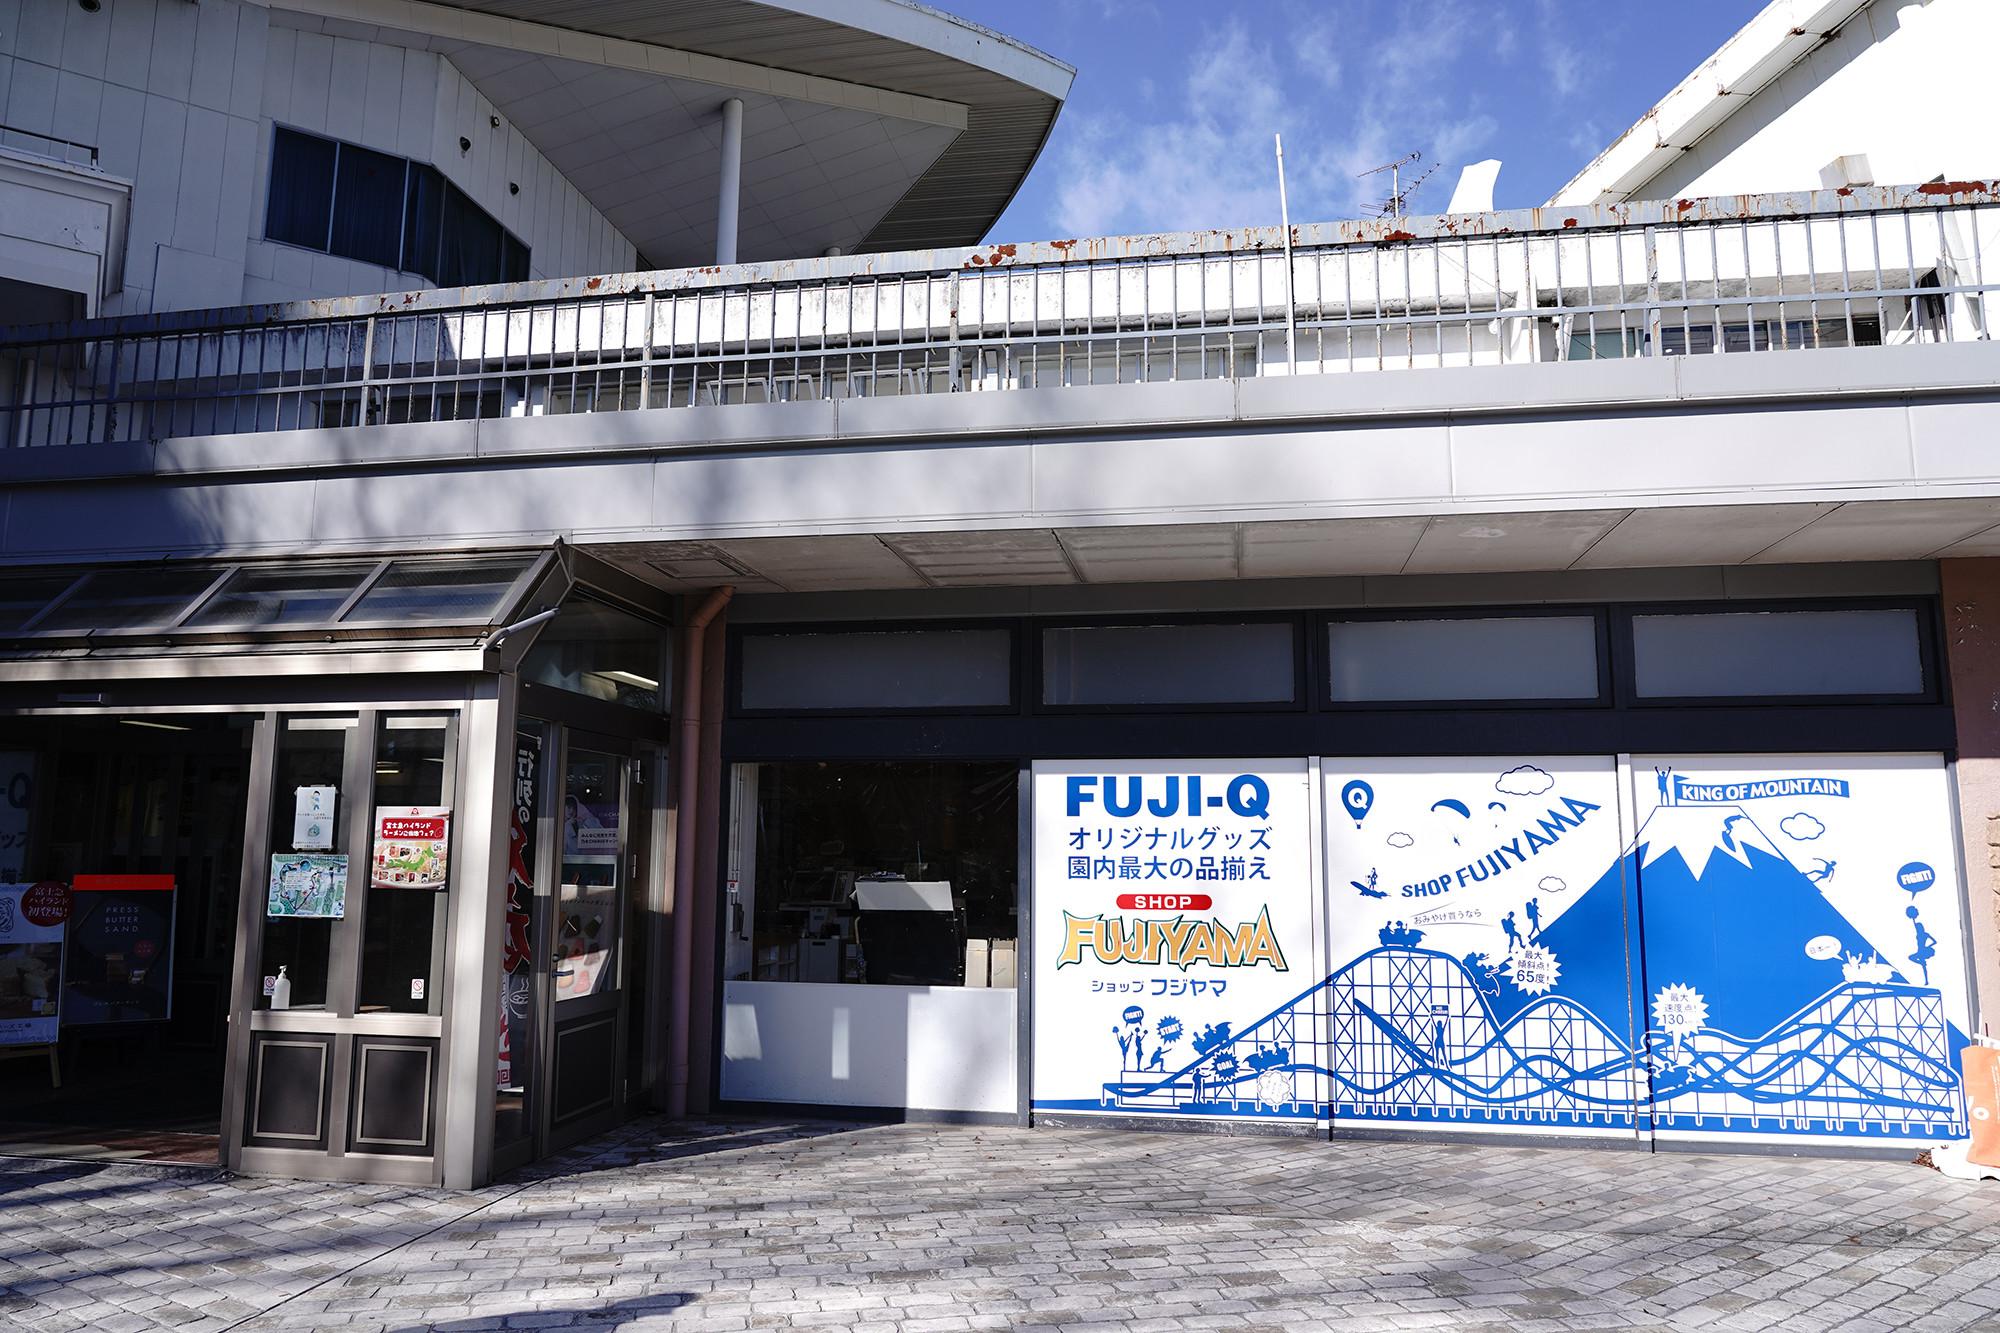 【2019】富士急ハイランドのお土産ガイド!お菓子、リサとガスパール、トーマスグッズも